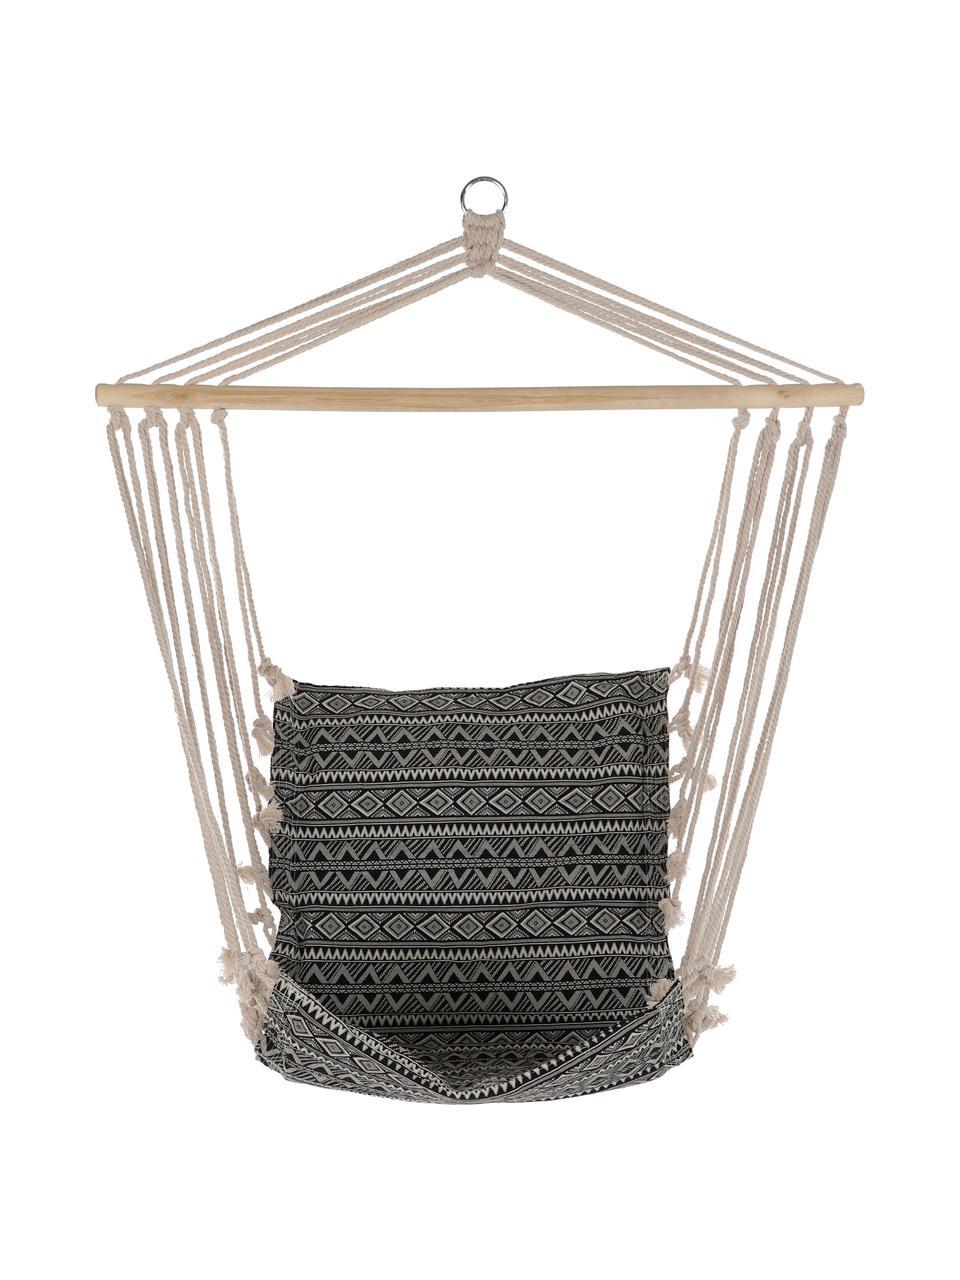 Fotel wiszący Pamut, Czarny, biały, S 97 x W 120 cm